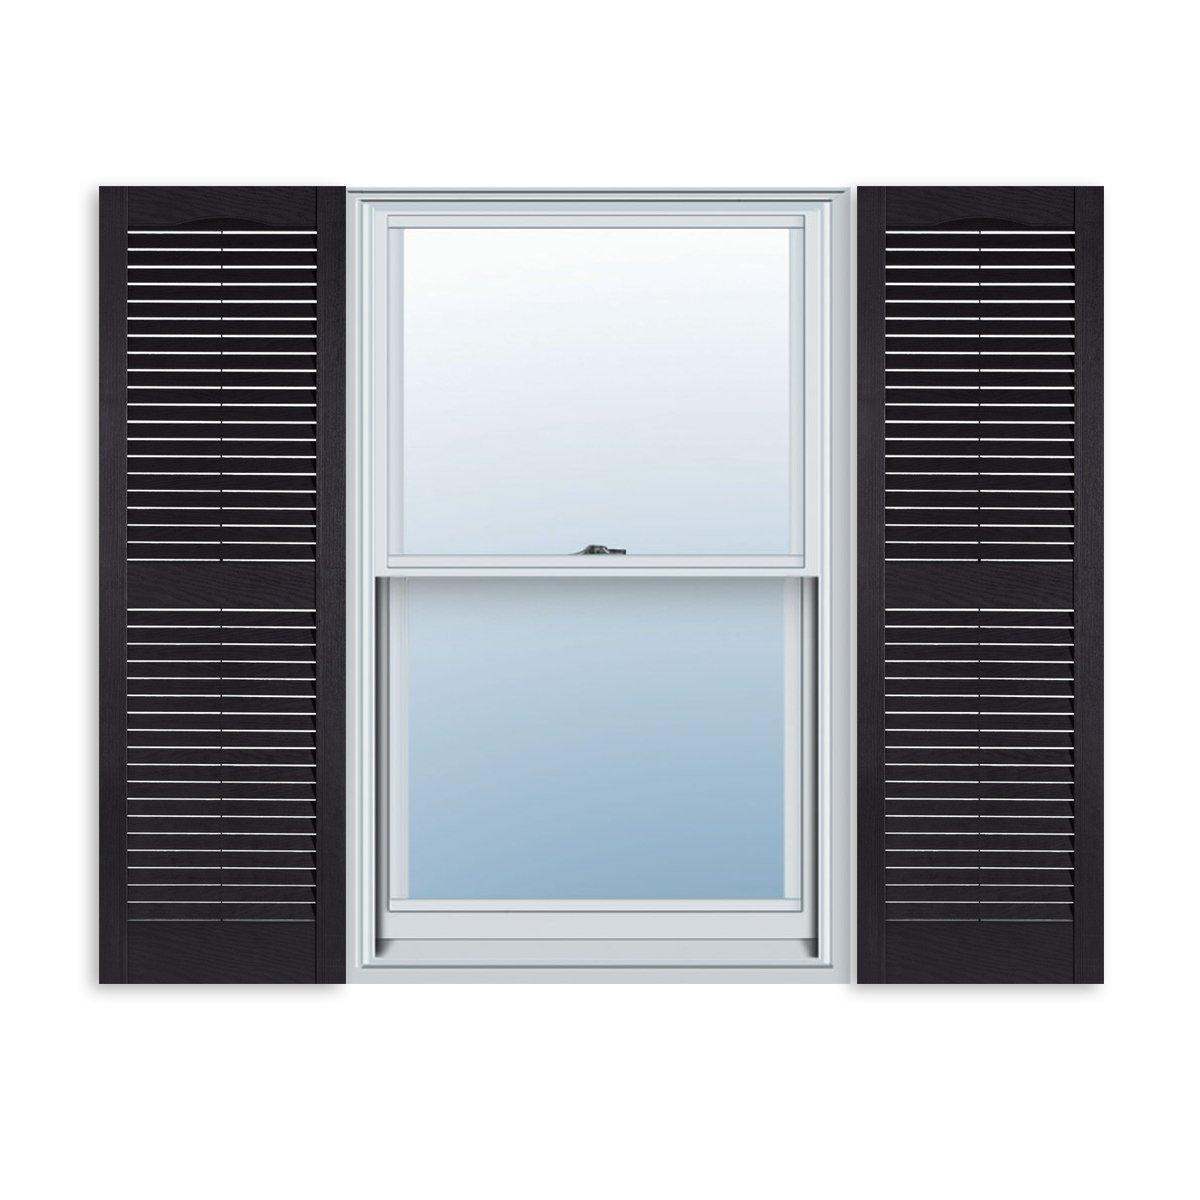 ExteriorSolutions.com Custom Exterior Vinyl Louver Window Shutters w/Installation Spikes (Pair) by ExteriorSolutions.com